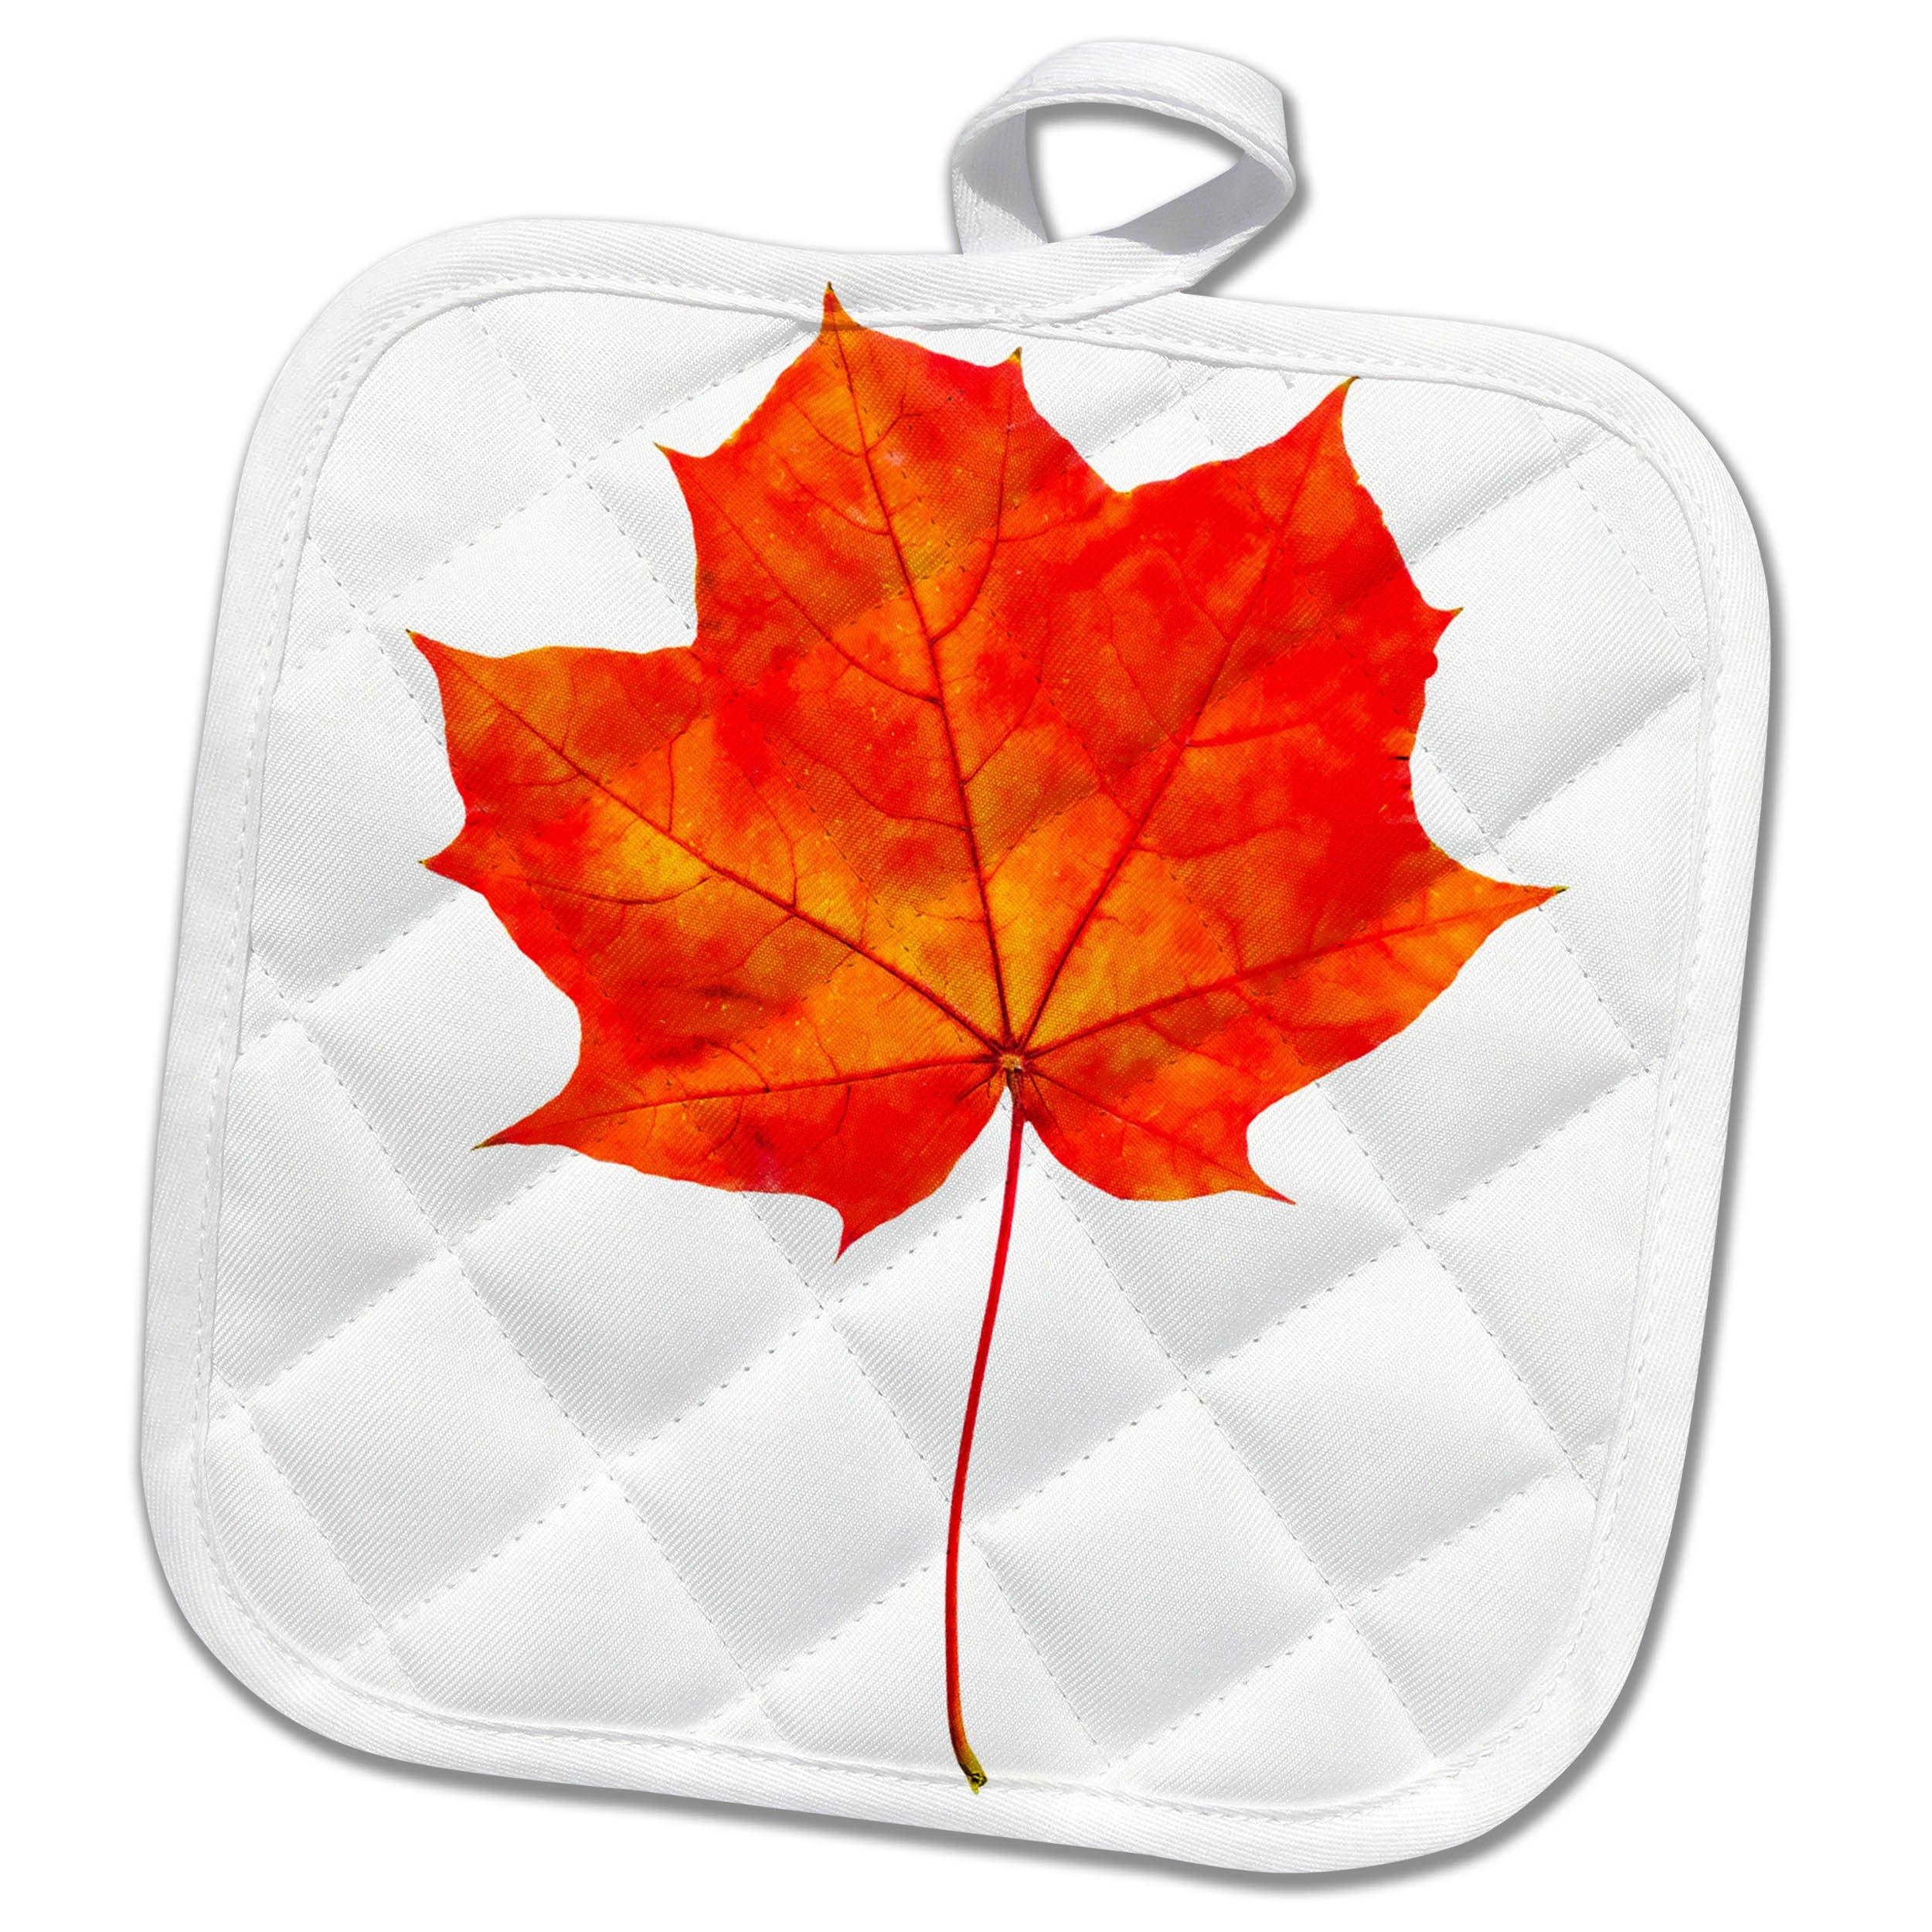 3dRose Alexis Design - Floral - Red maple leaf transparent background - 8x8 Potholder (phl_264133_1)